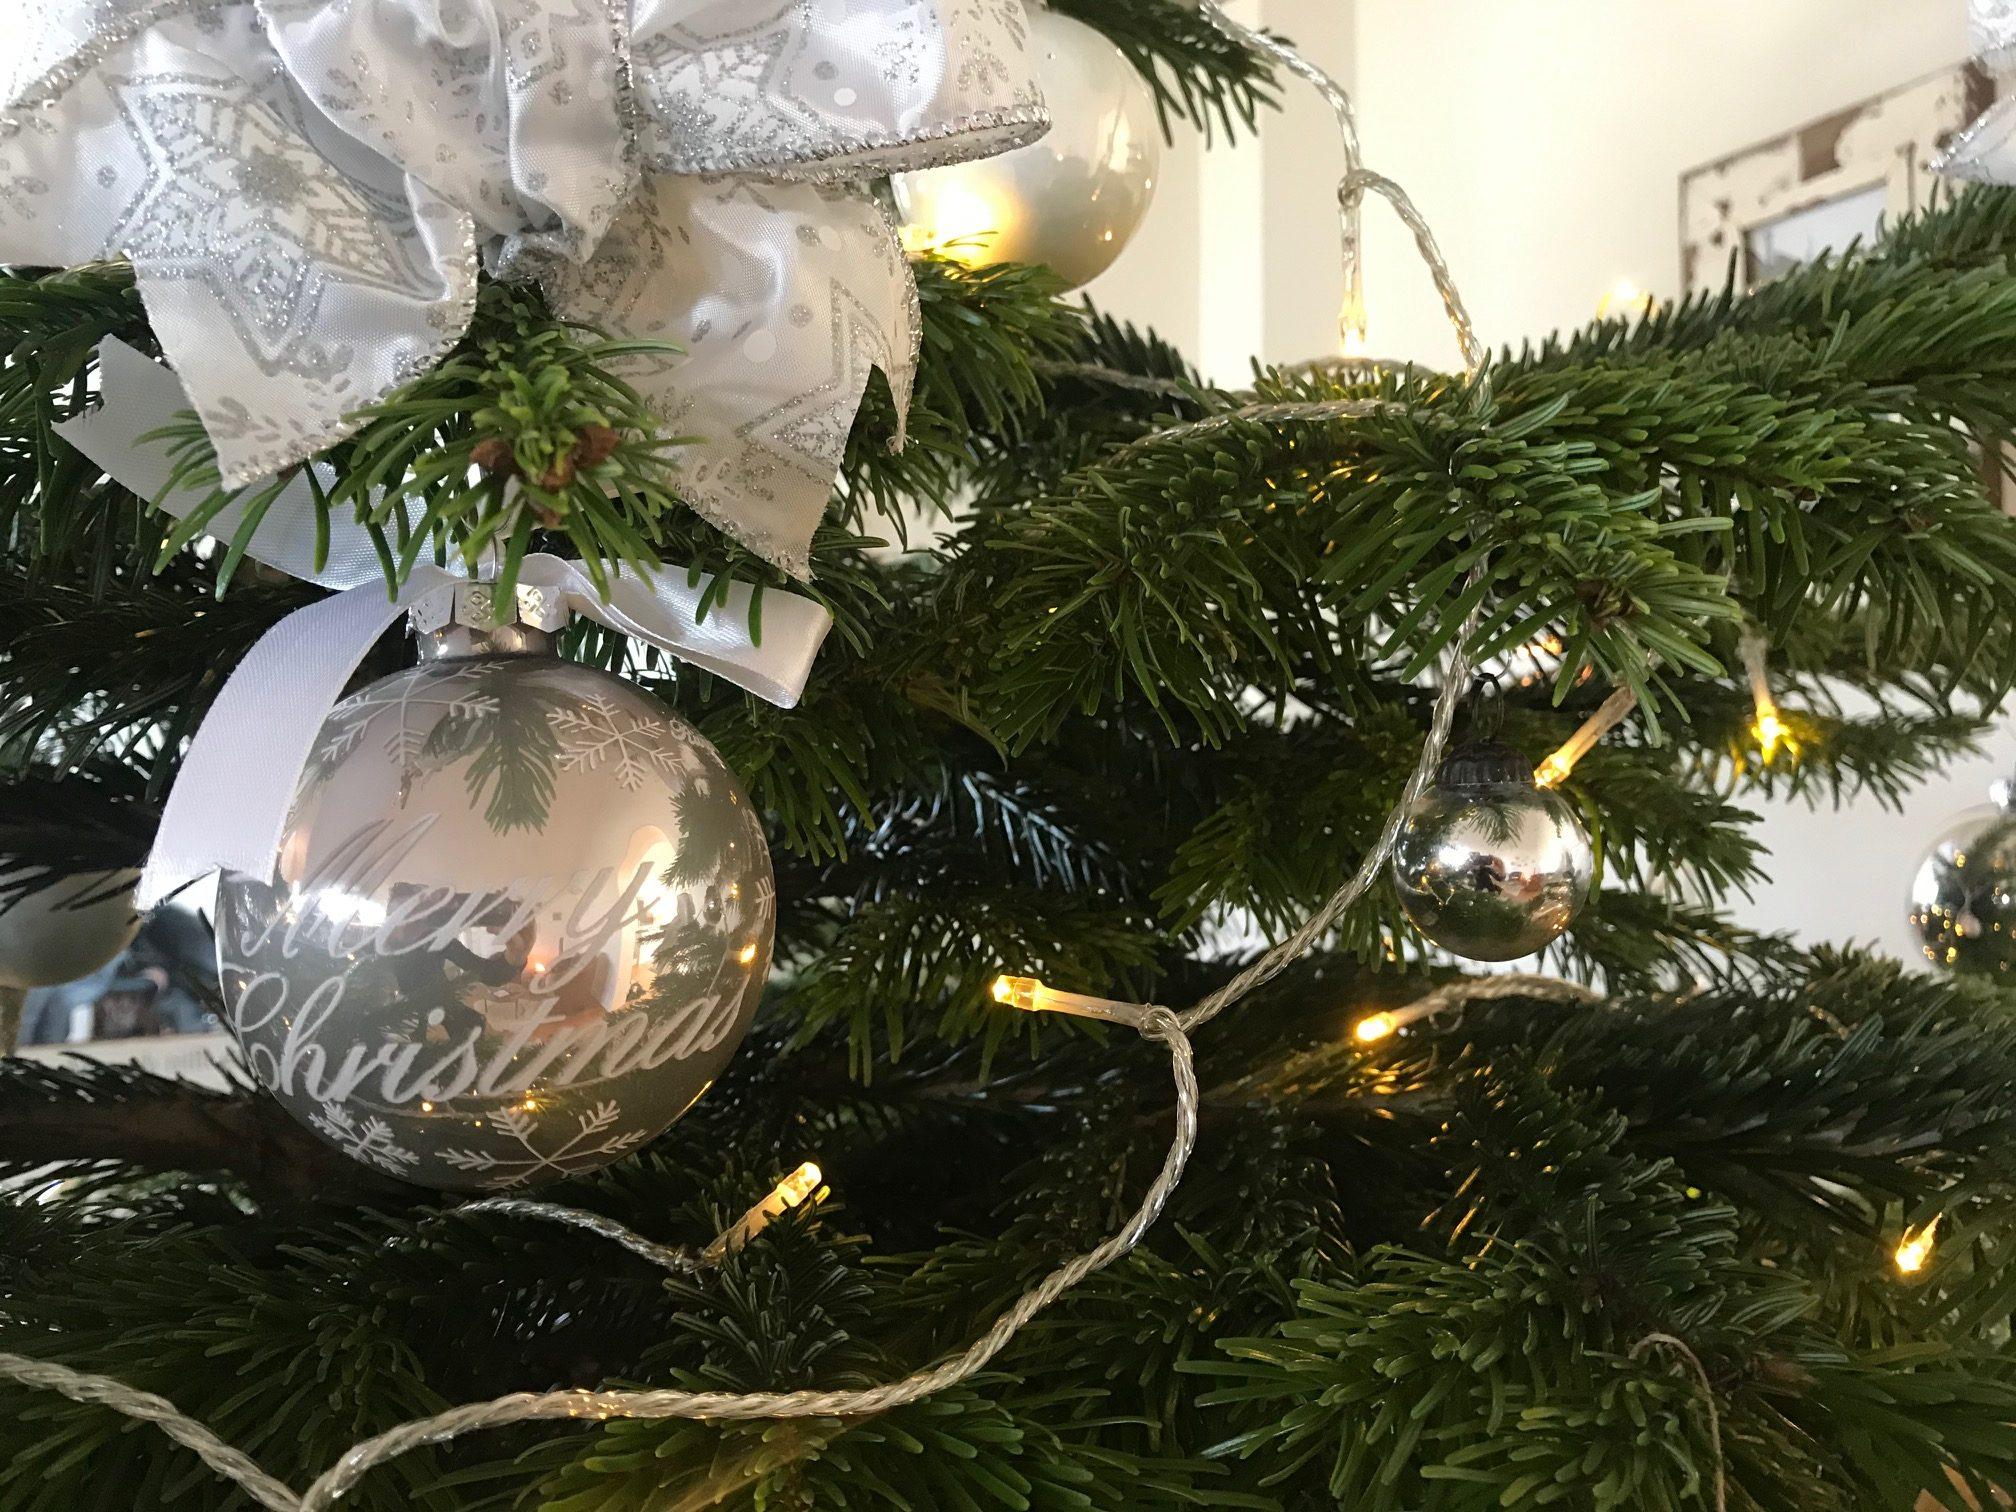 silberne Weihnachtskugeln am Tannenbaum mit Lichterkette